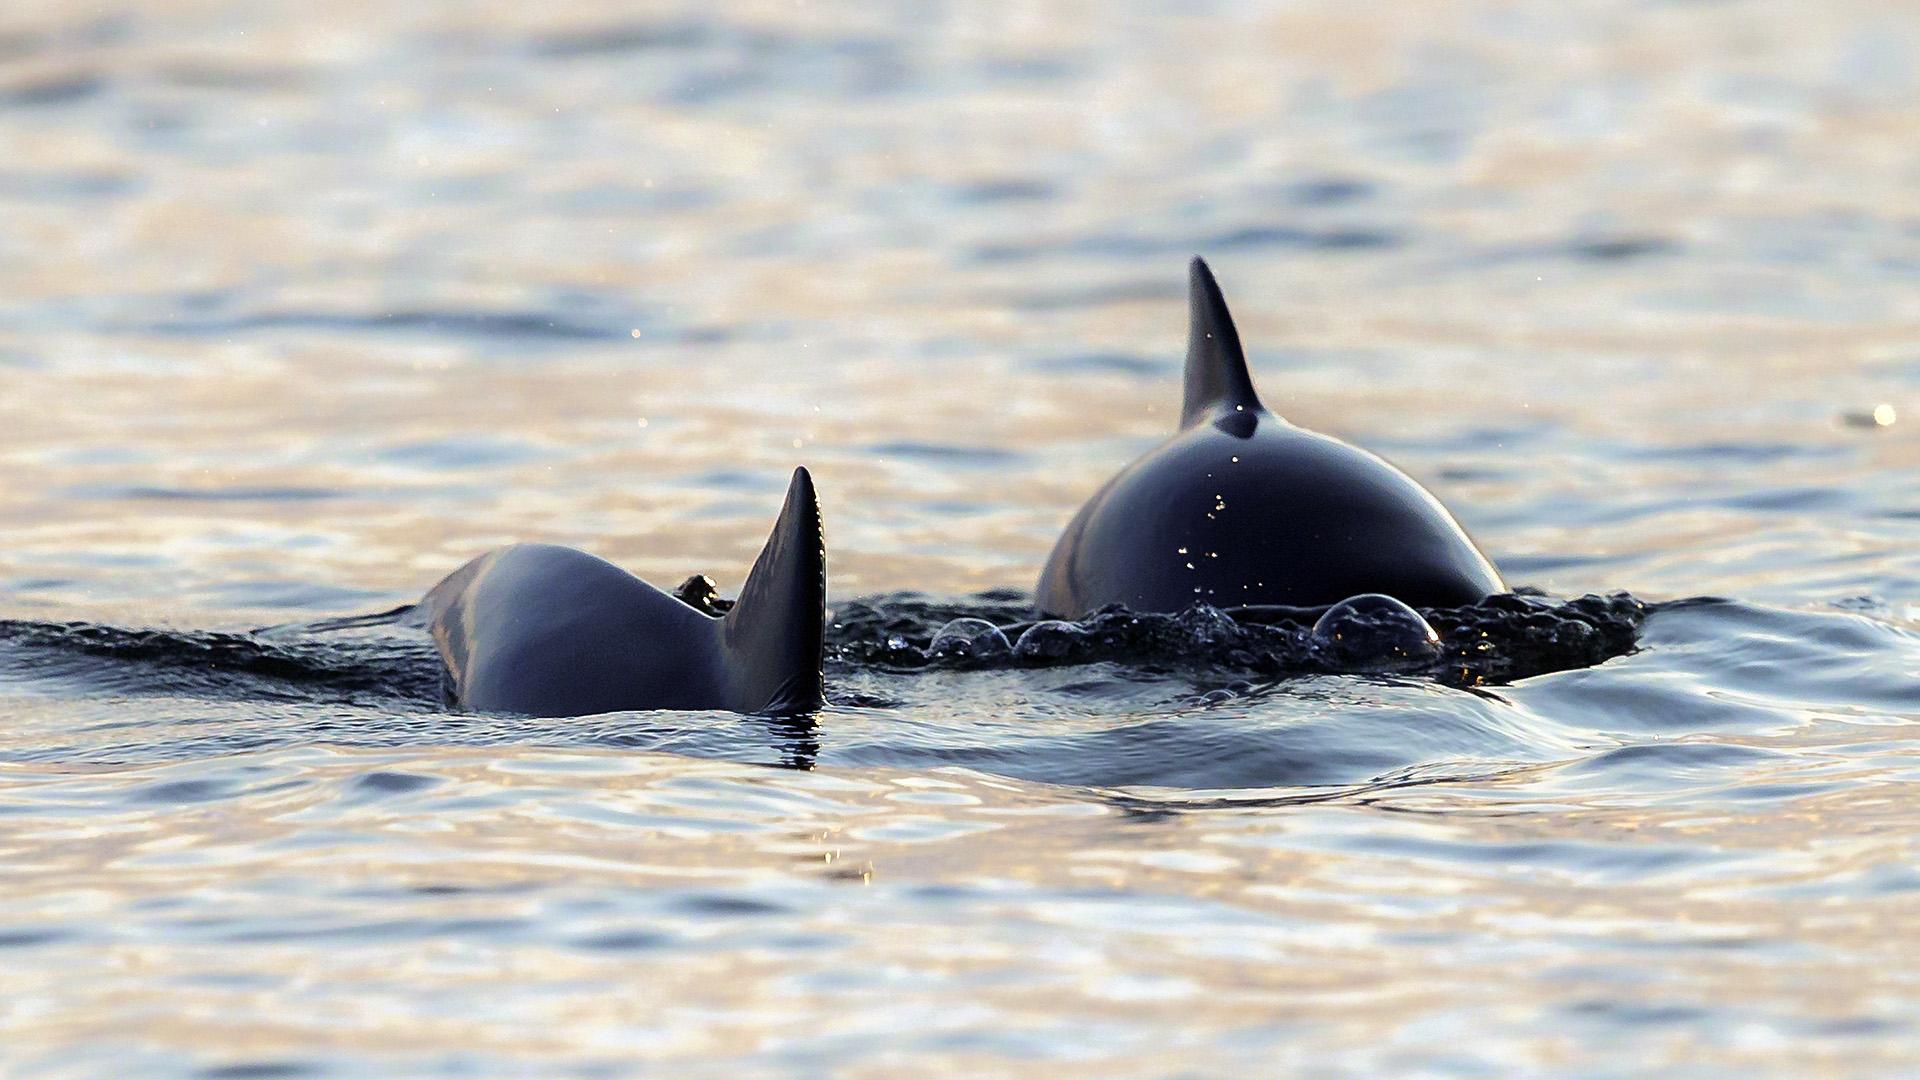 Två tumlare